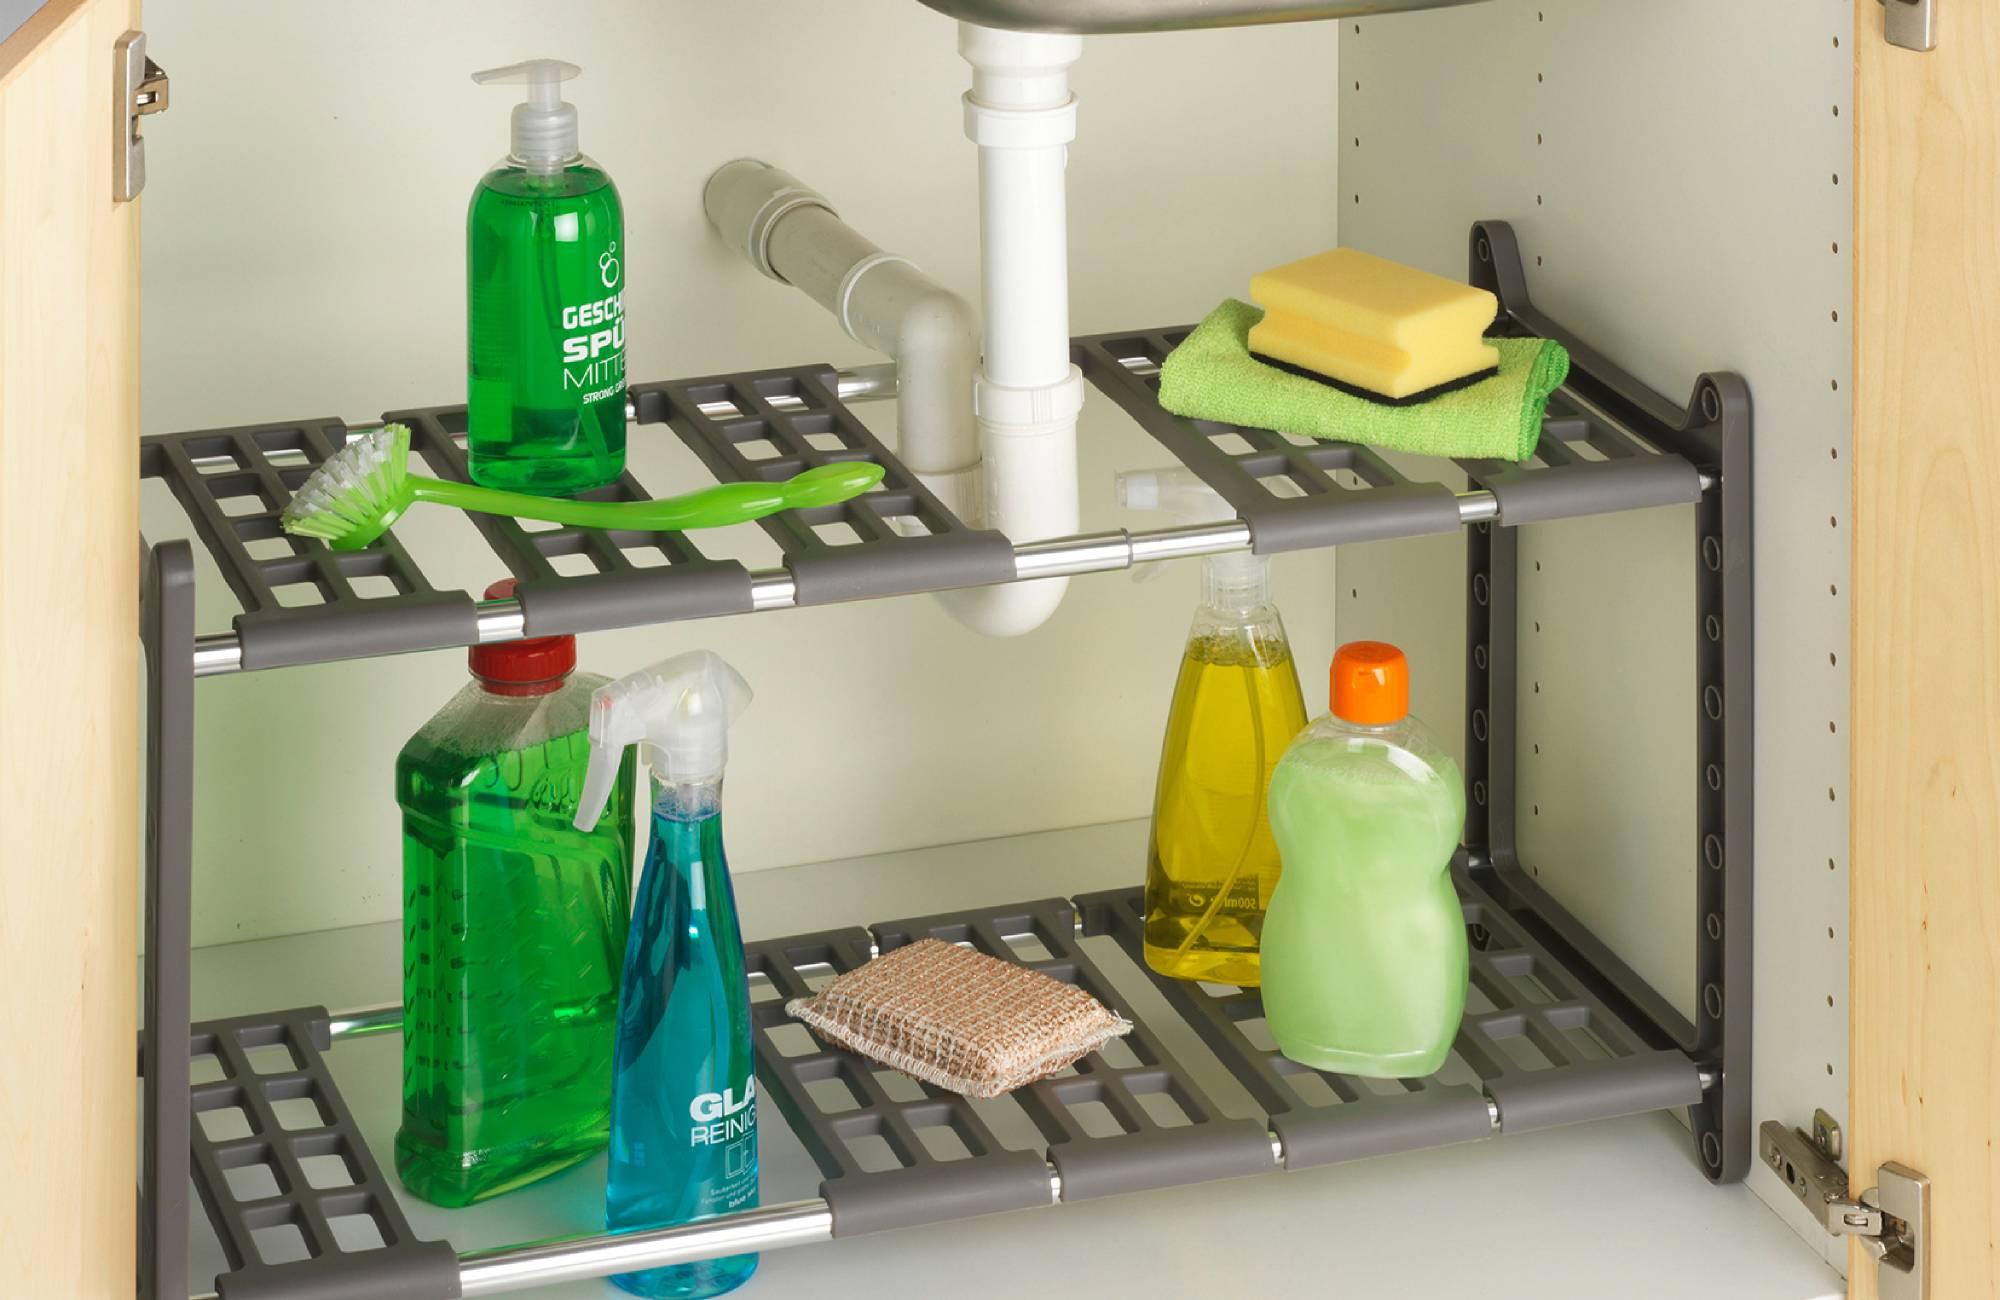 Full Size of Platz Sparen In Kleinen Kchen Obi Bett Mit Aufbewahrung Betten Aufbewahrungssystem Küche Aufbewahrungsbehälter Aufbewahrungsbox Garten Wohnzimmer Aufbewahrung Küchenutensilien